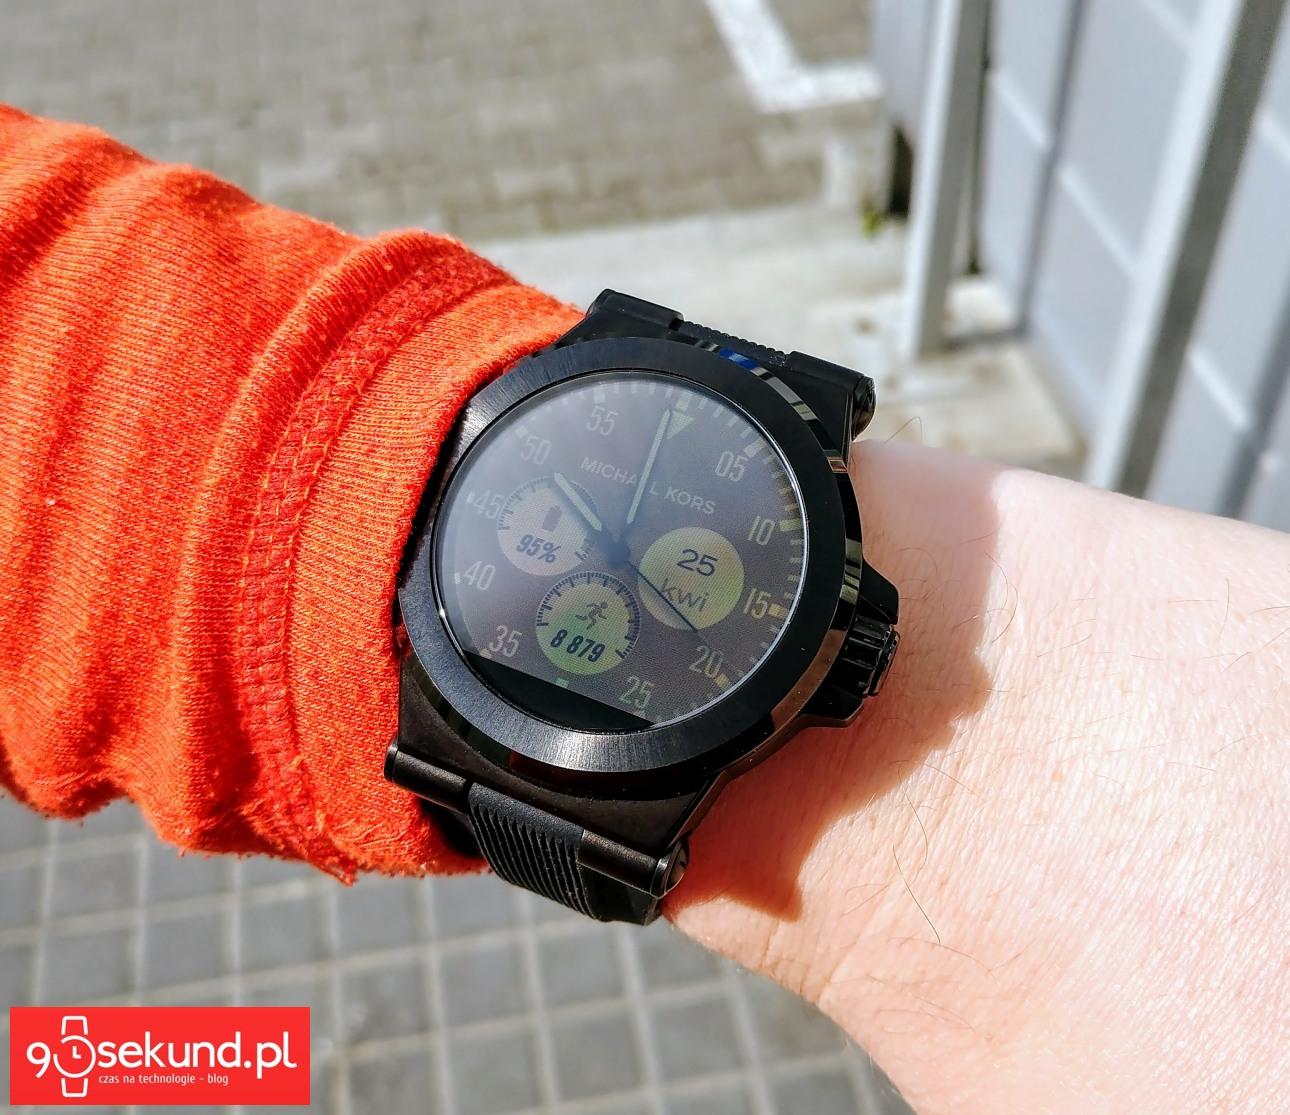 a1de980aa5a98 Poranne słońce świecące prosto na tarczę zegarka i wszystko widoczne :) – Recenzja  smartwatcha Michael Kors Access (Dylan MKT-5011) – 90sekund.pl